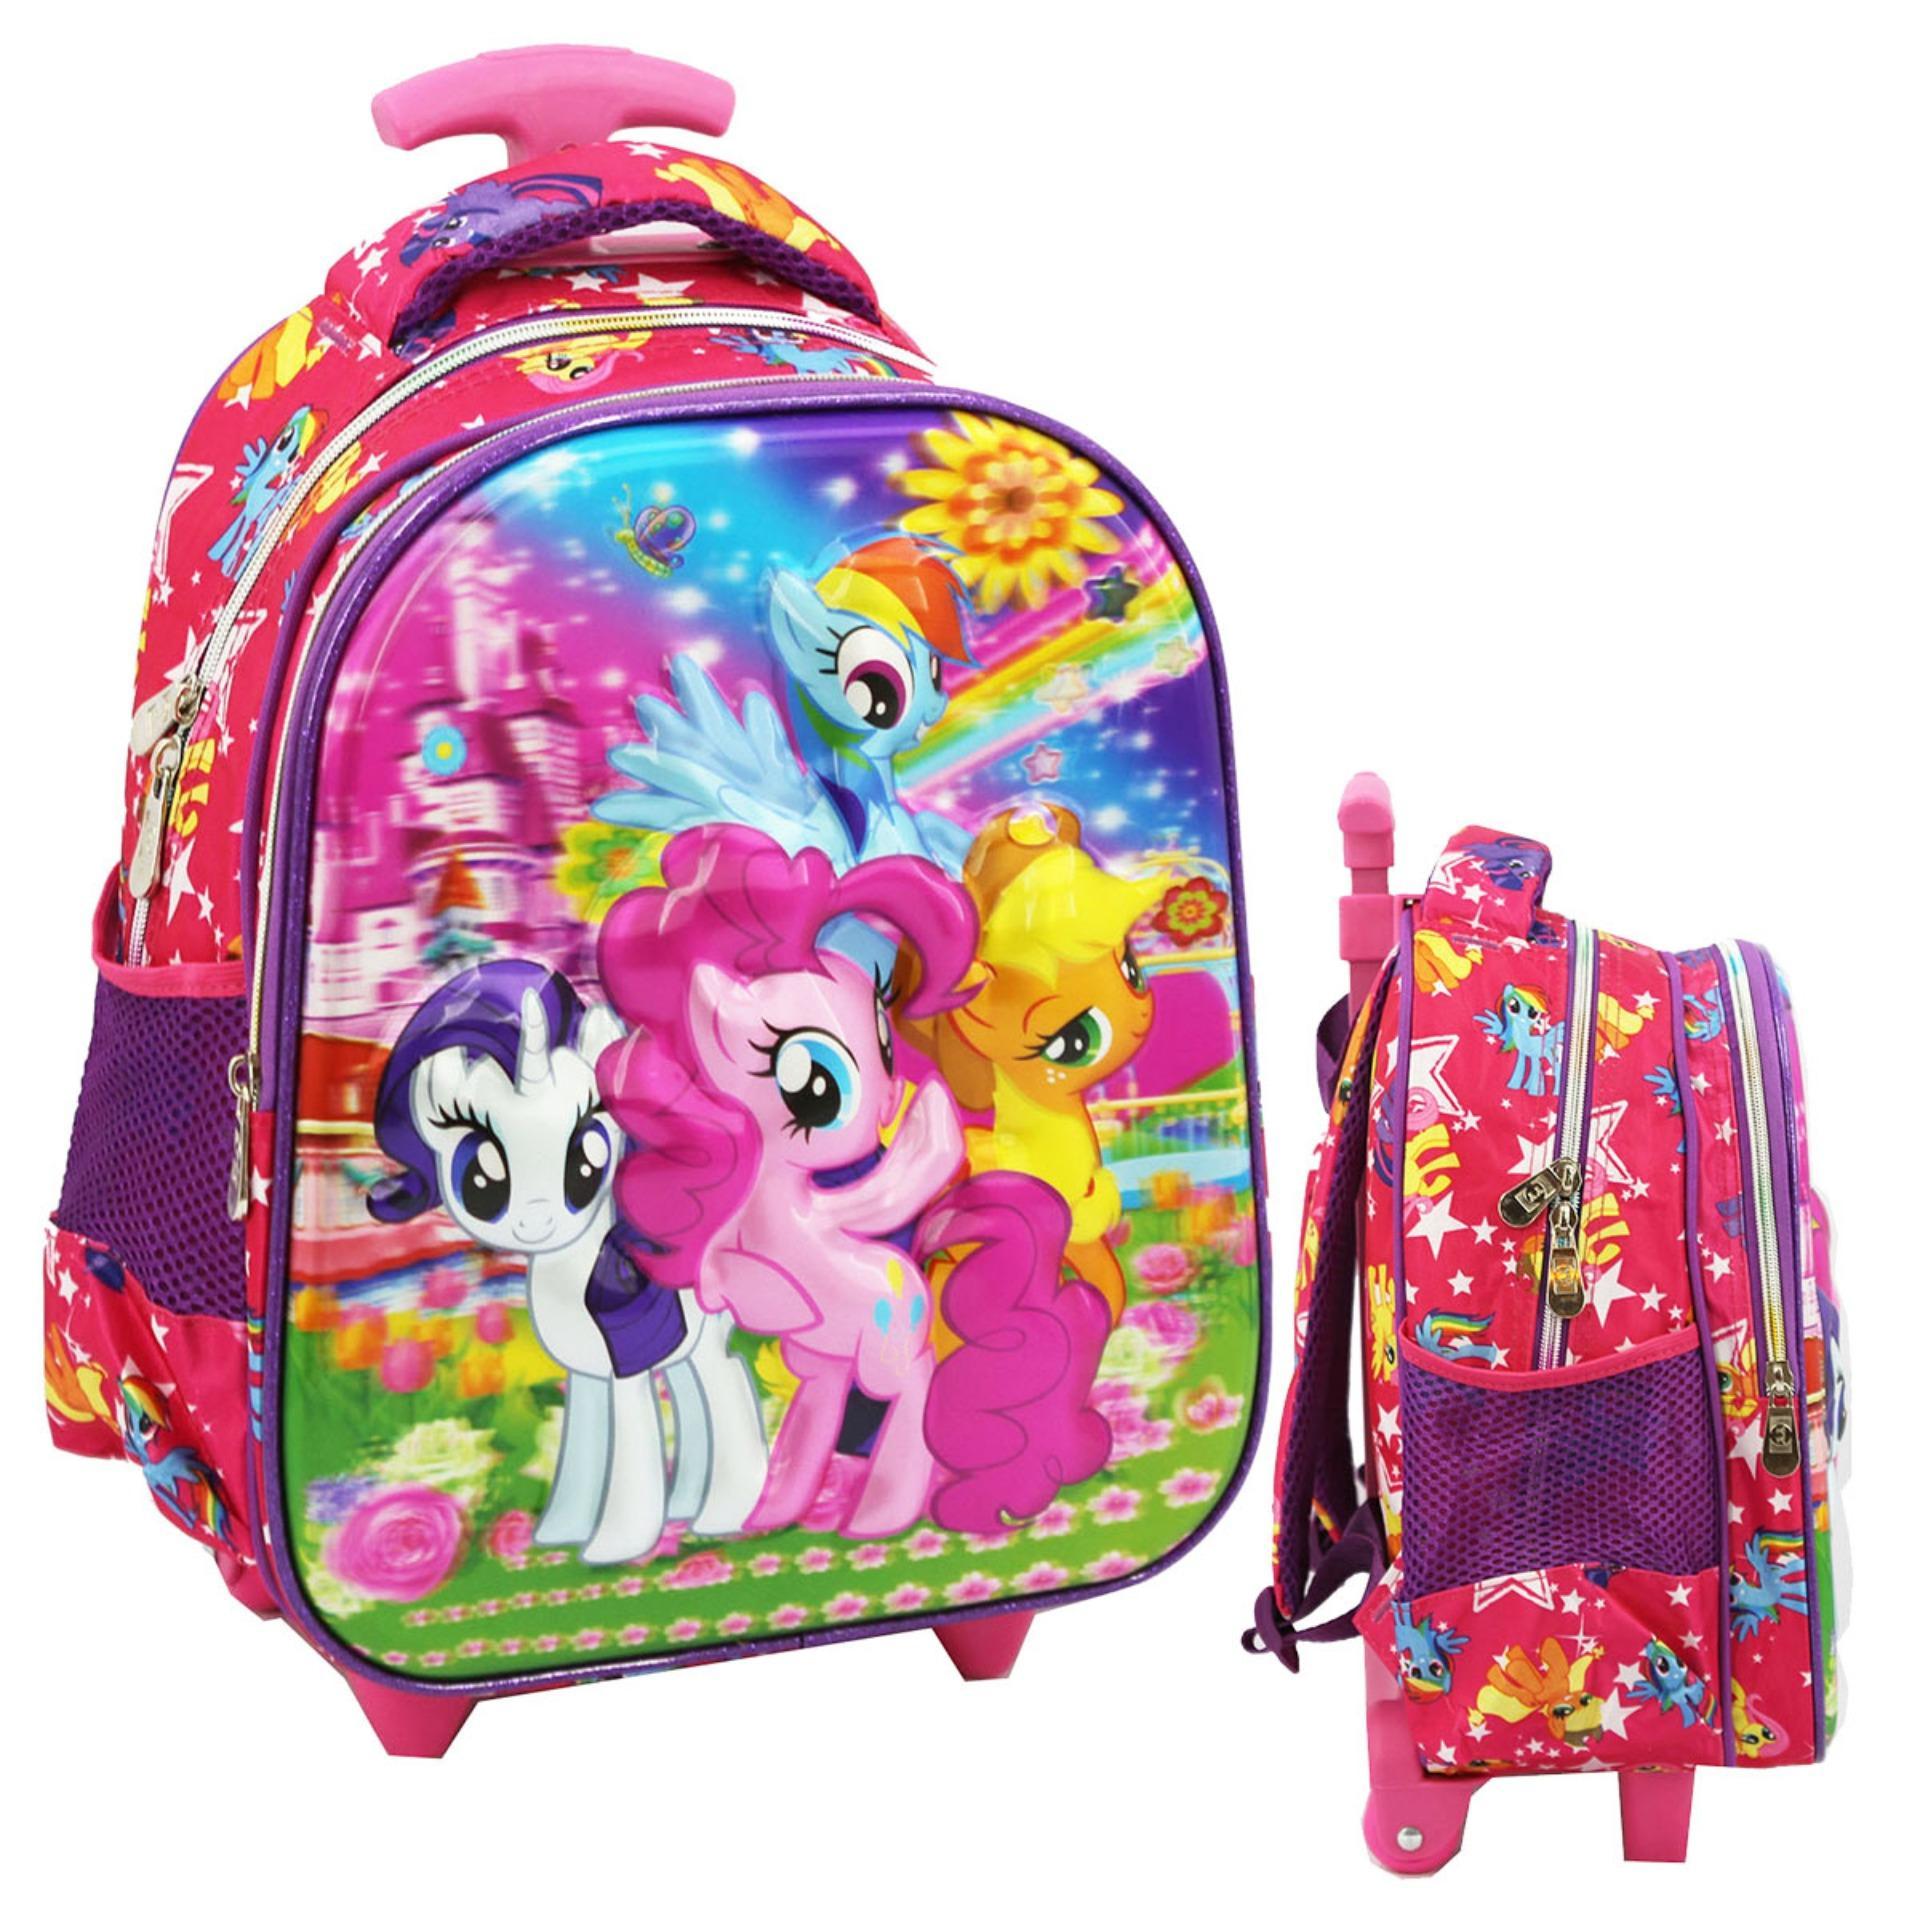 Harga Onlan My Little Pony Flower 5D Timbul Hologram Tas Anak Sekolah Tk Fullset Murah